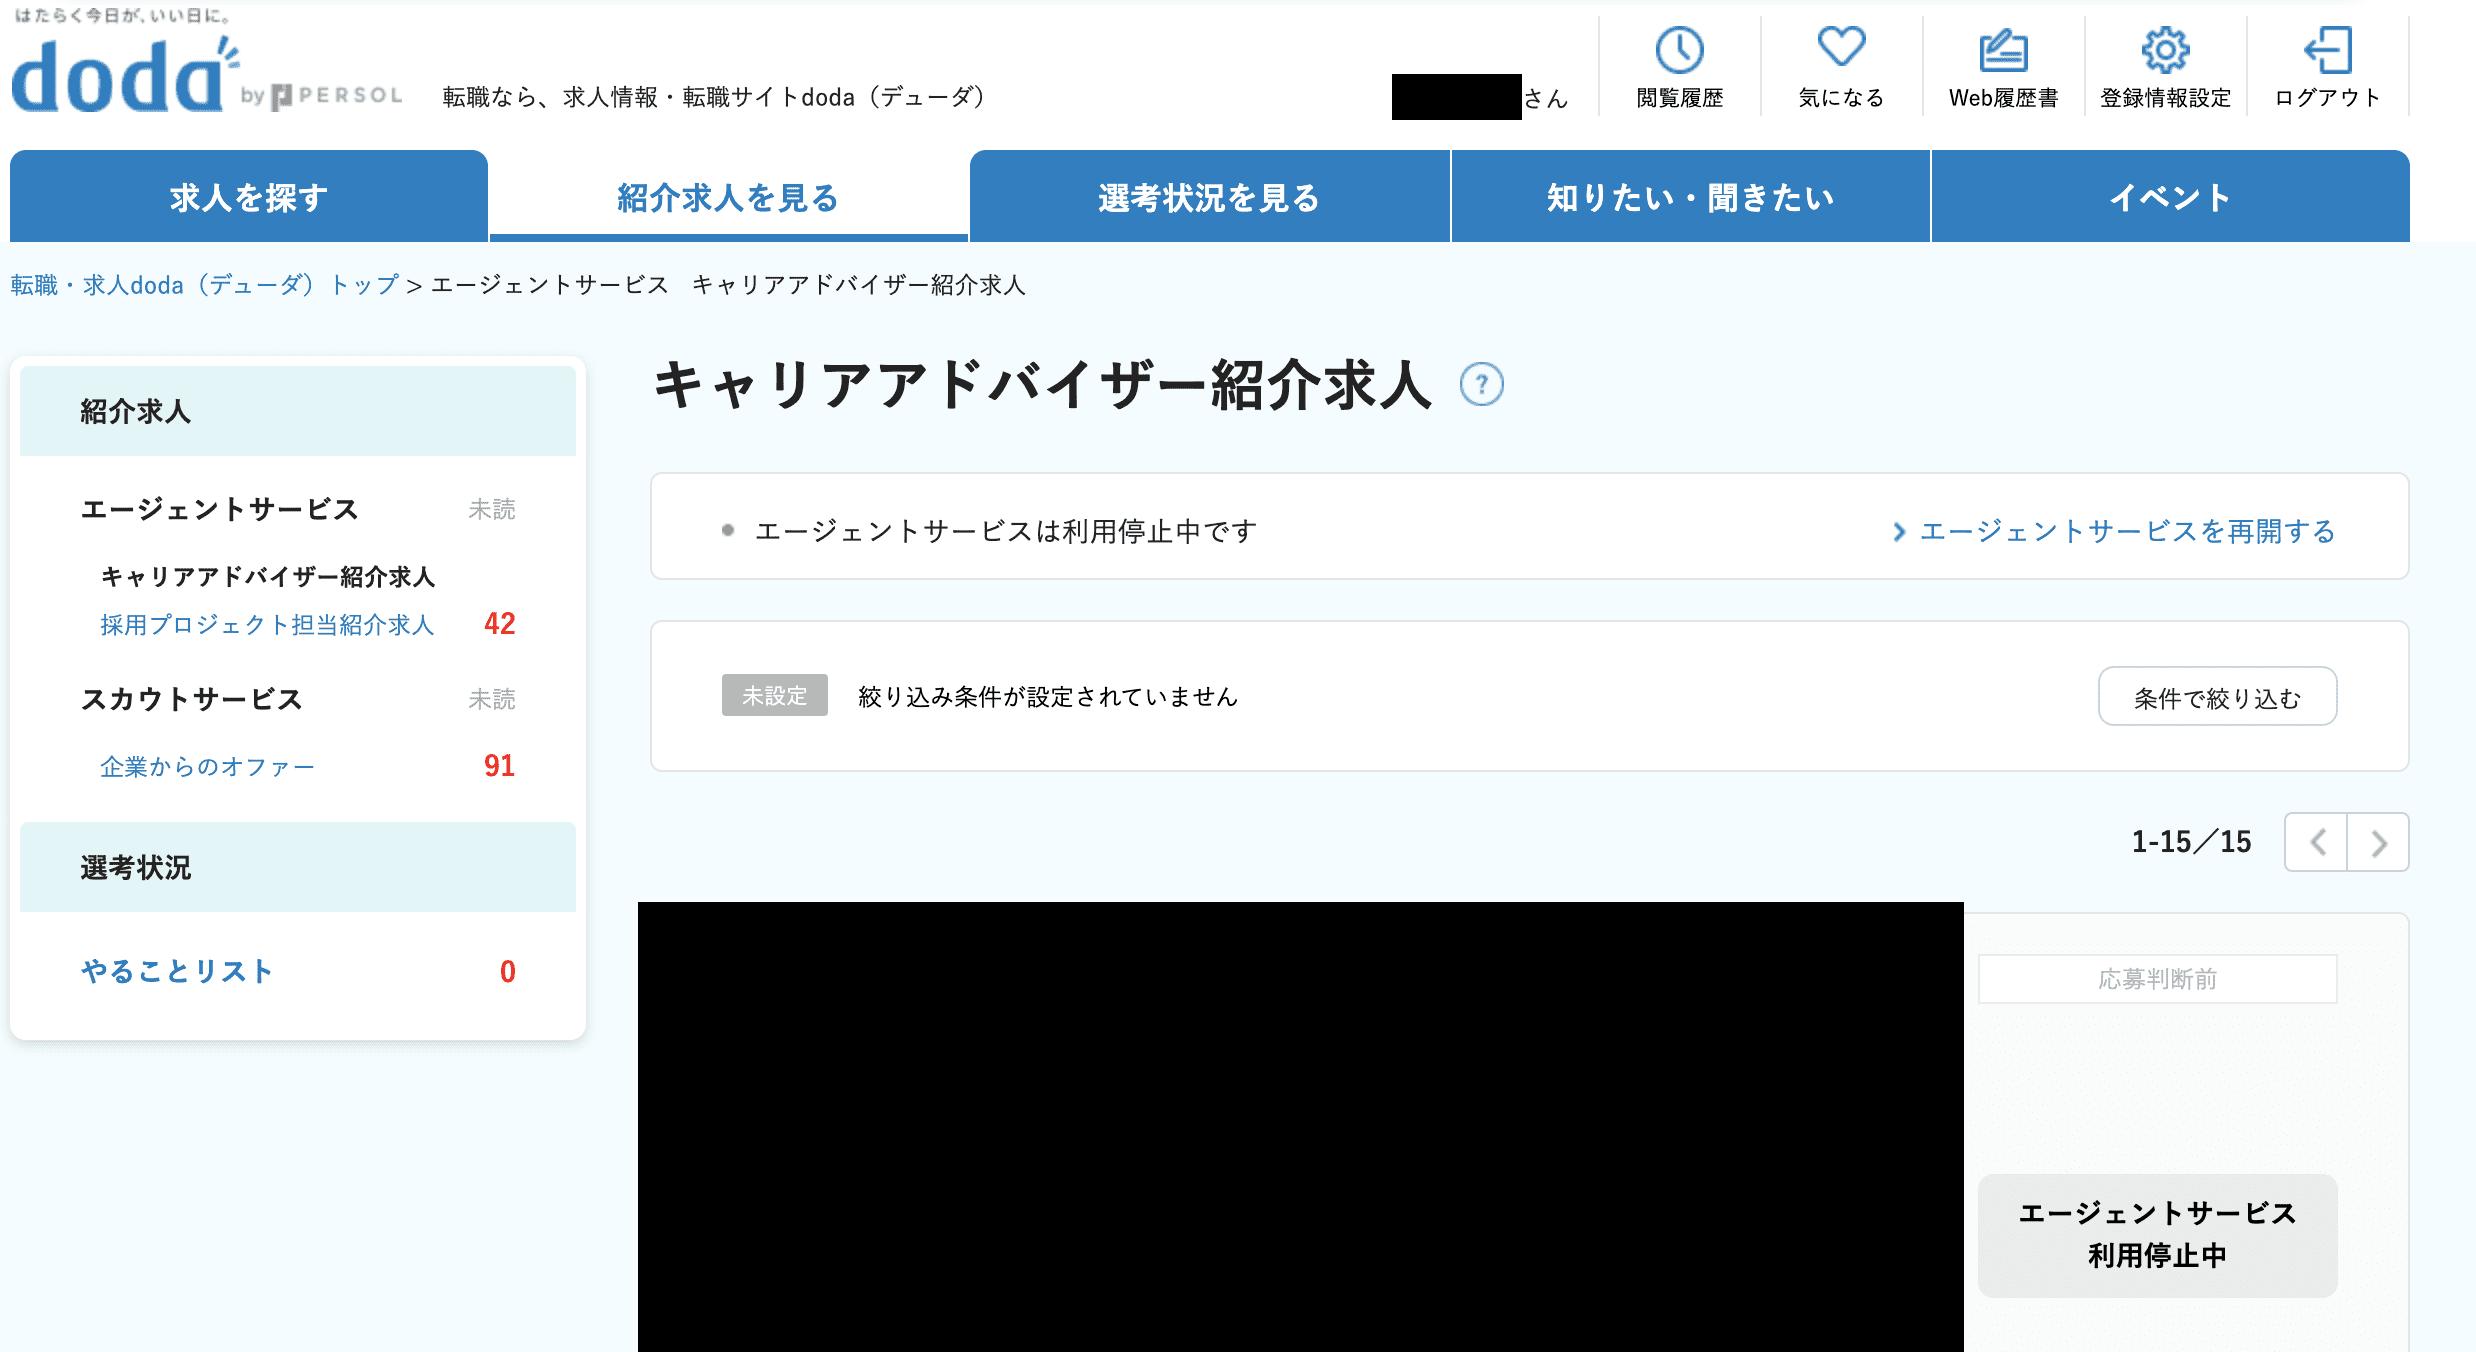 パーソルキャリア株式会社 dodaエージェント事業部